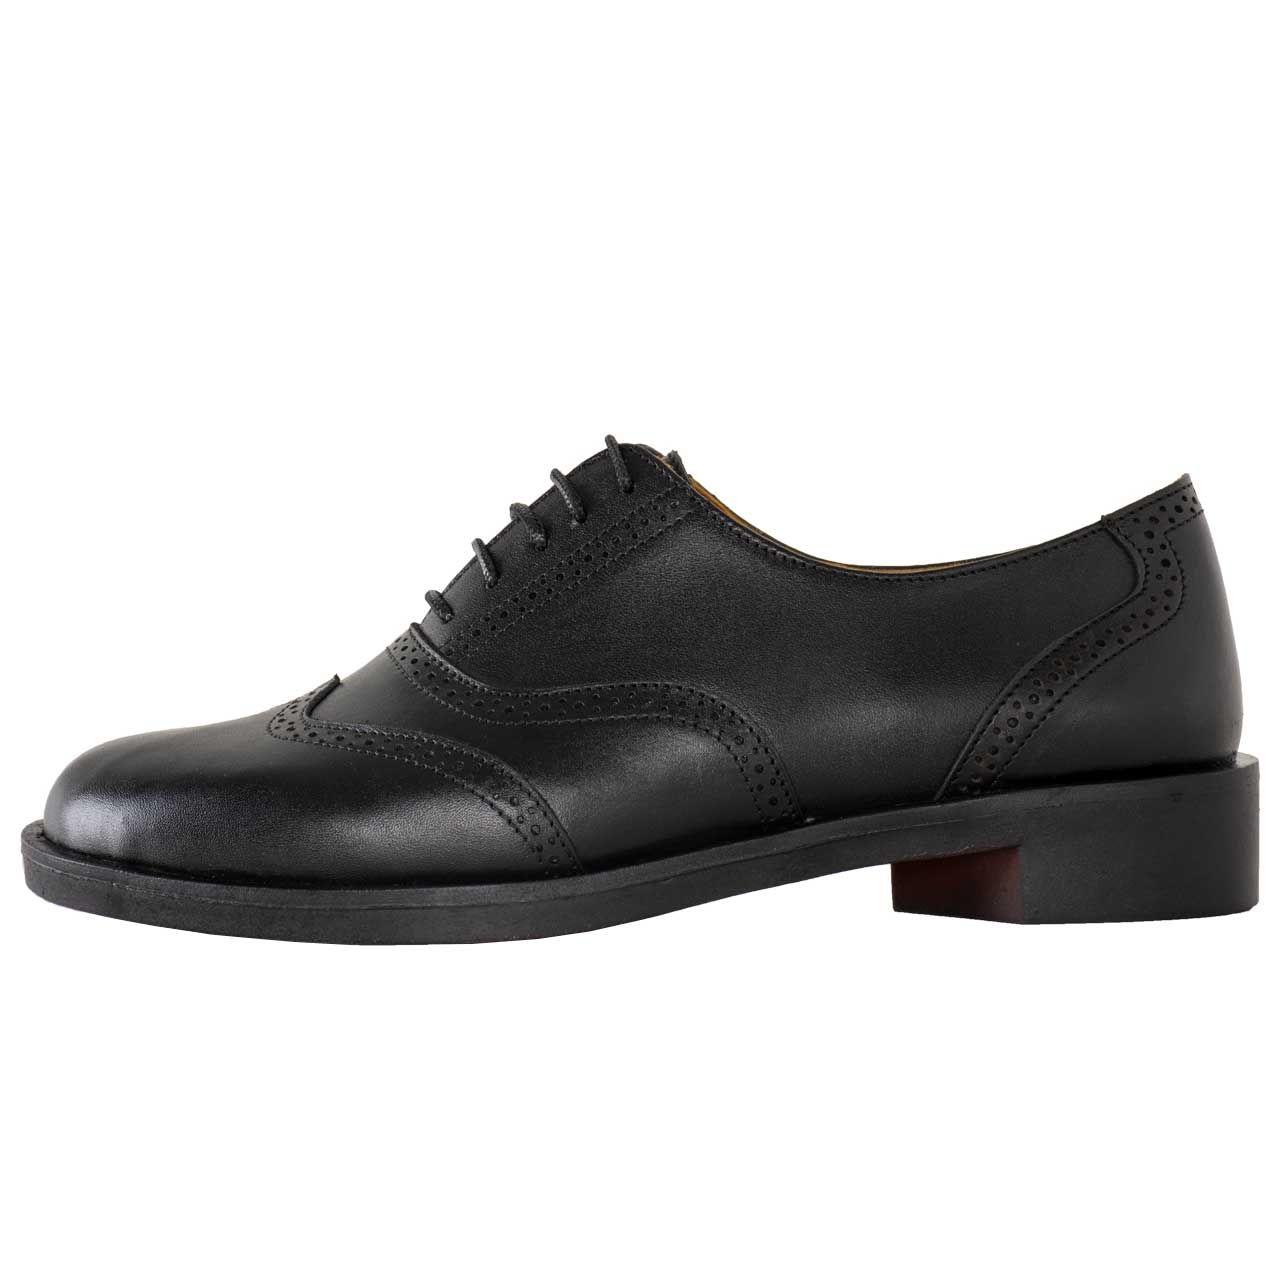 کفش زنانه پارینه چرم مدل show69